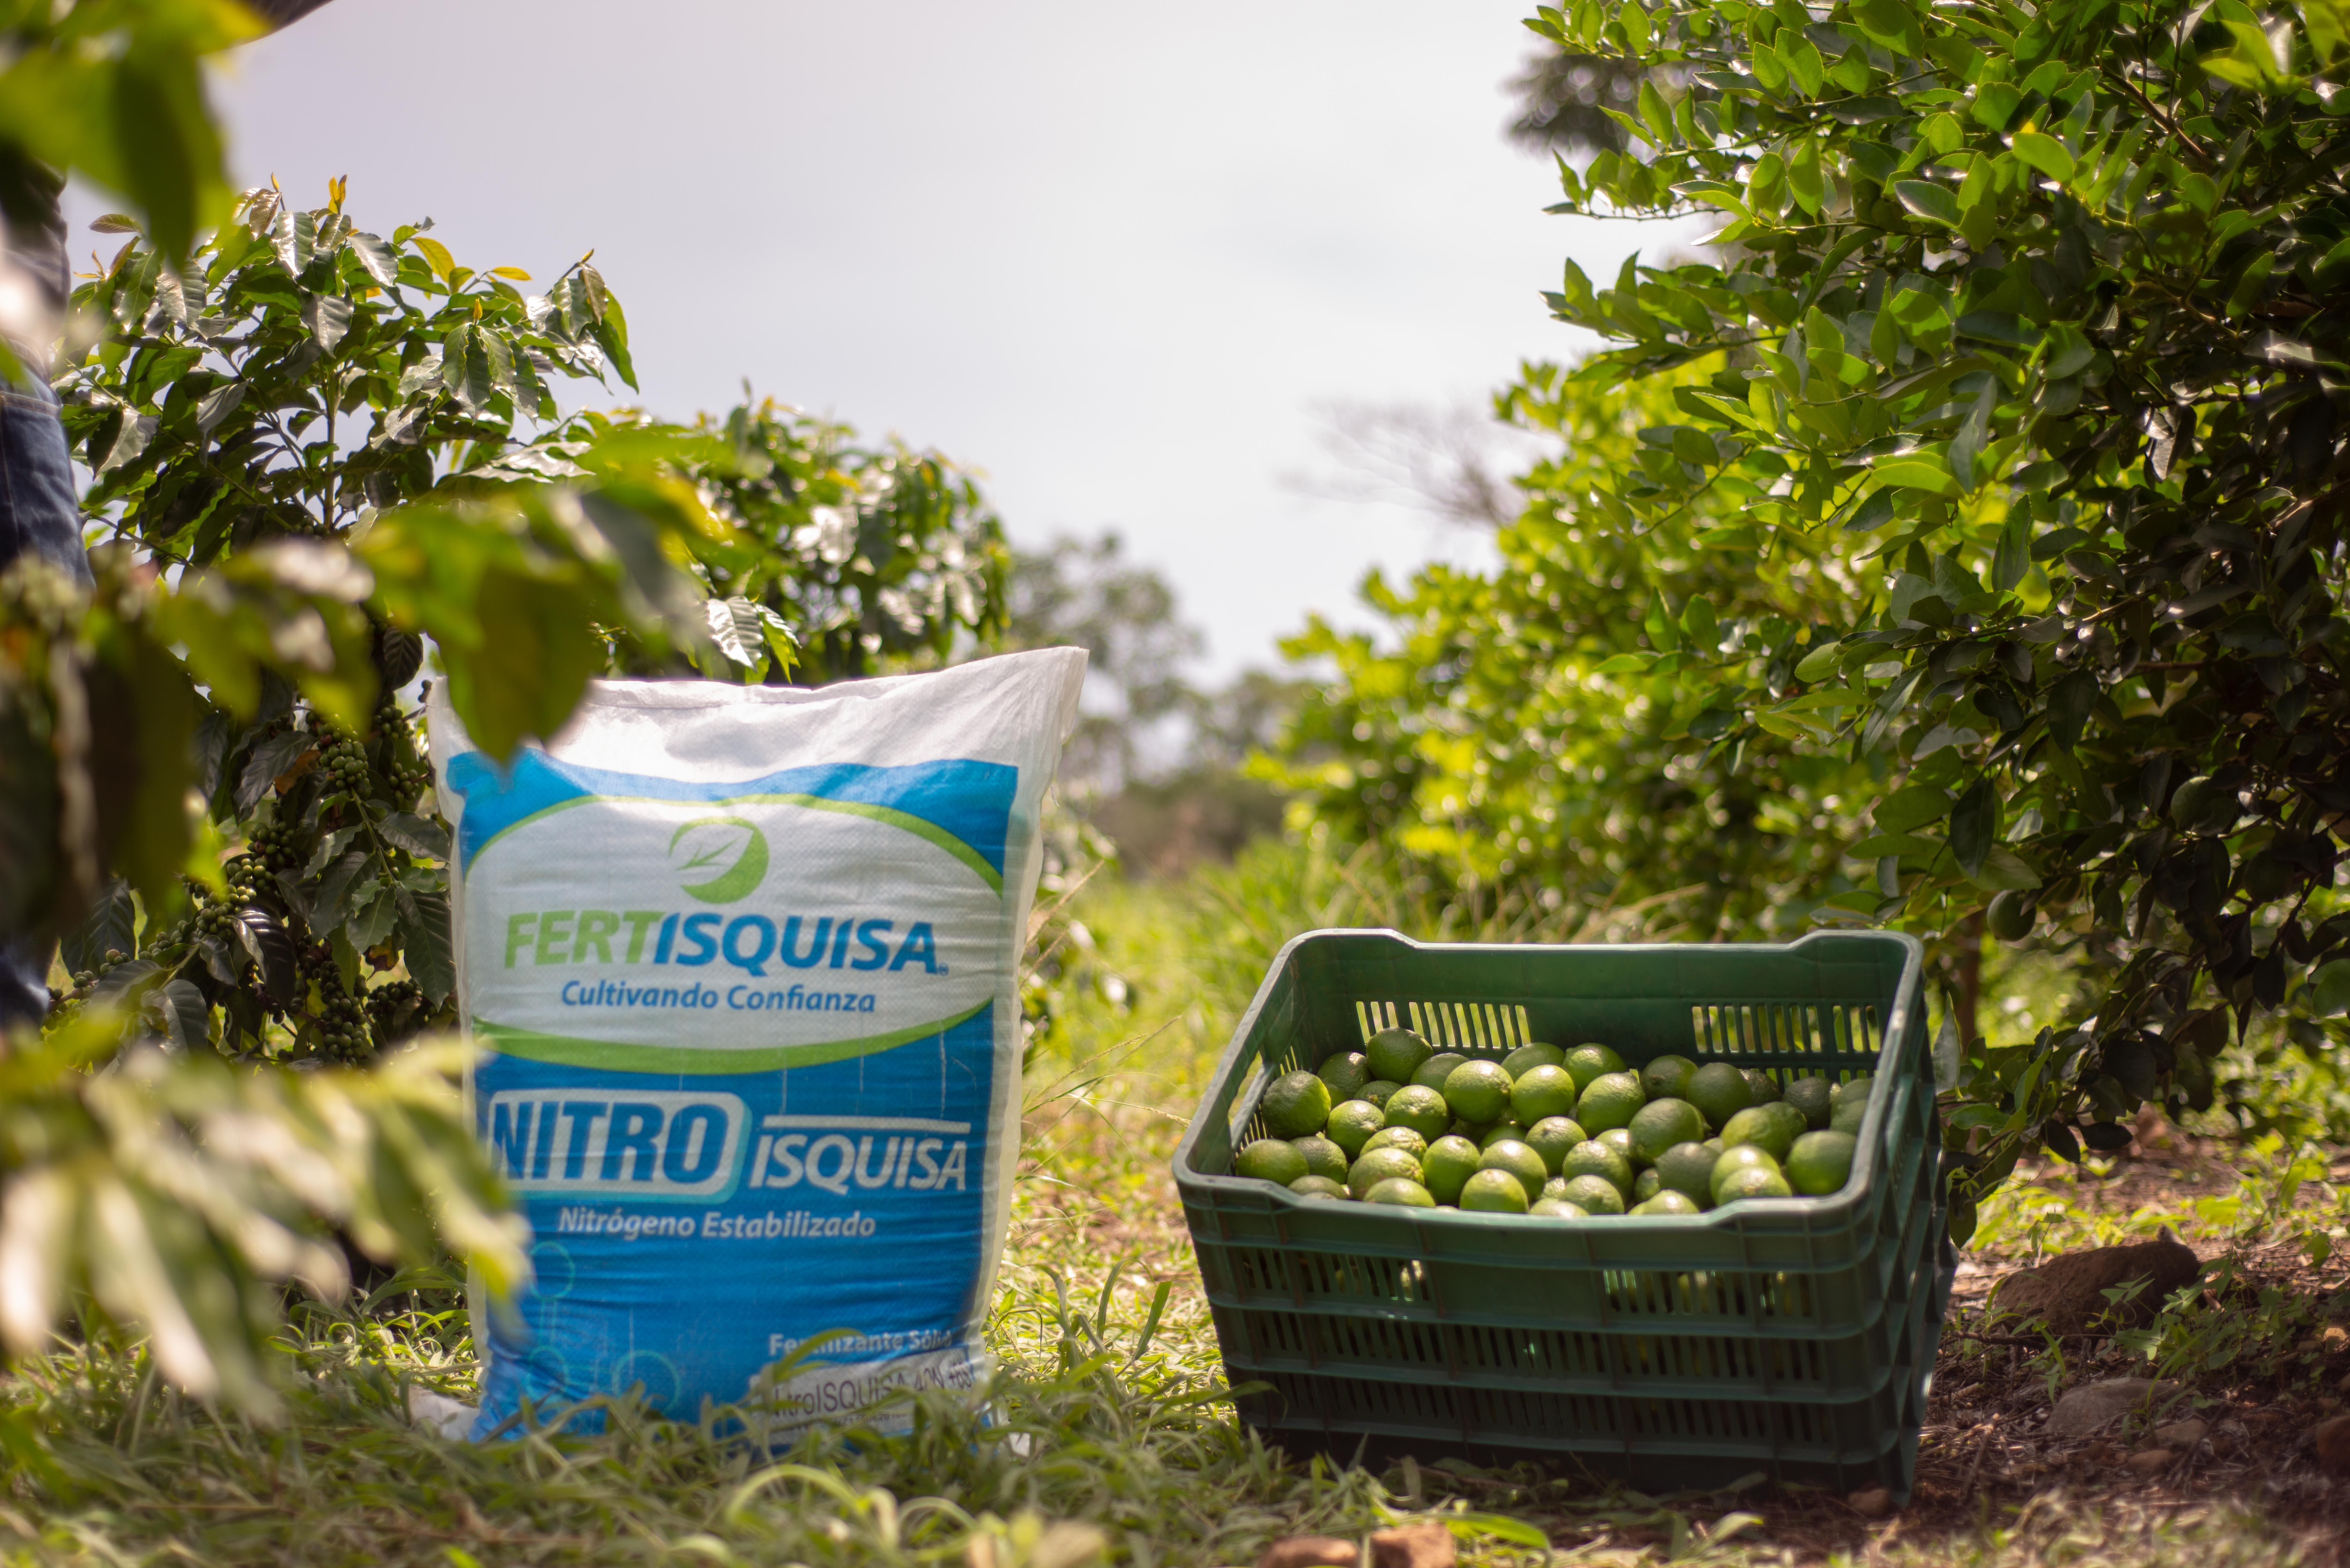 NitroISQUISA: Fertilizante de especialidad.